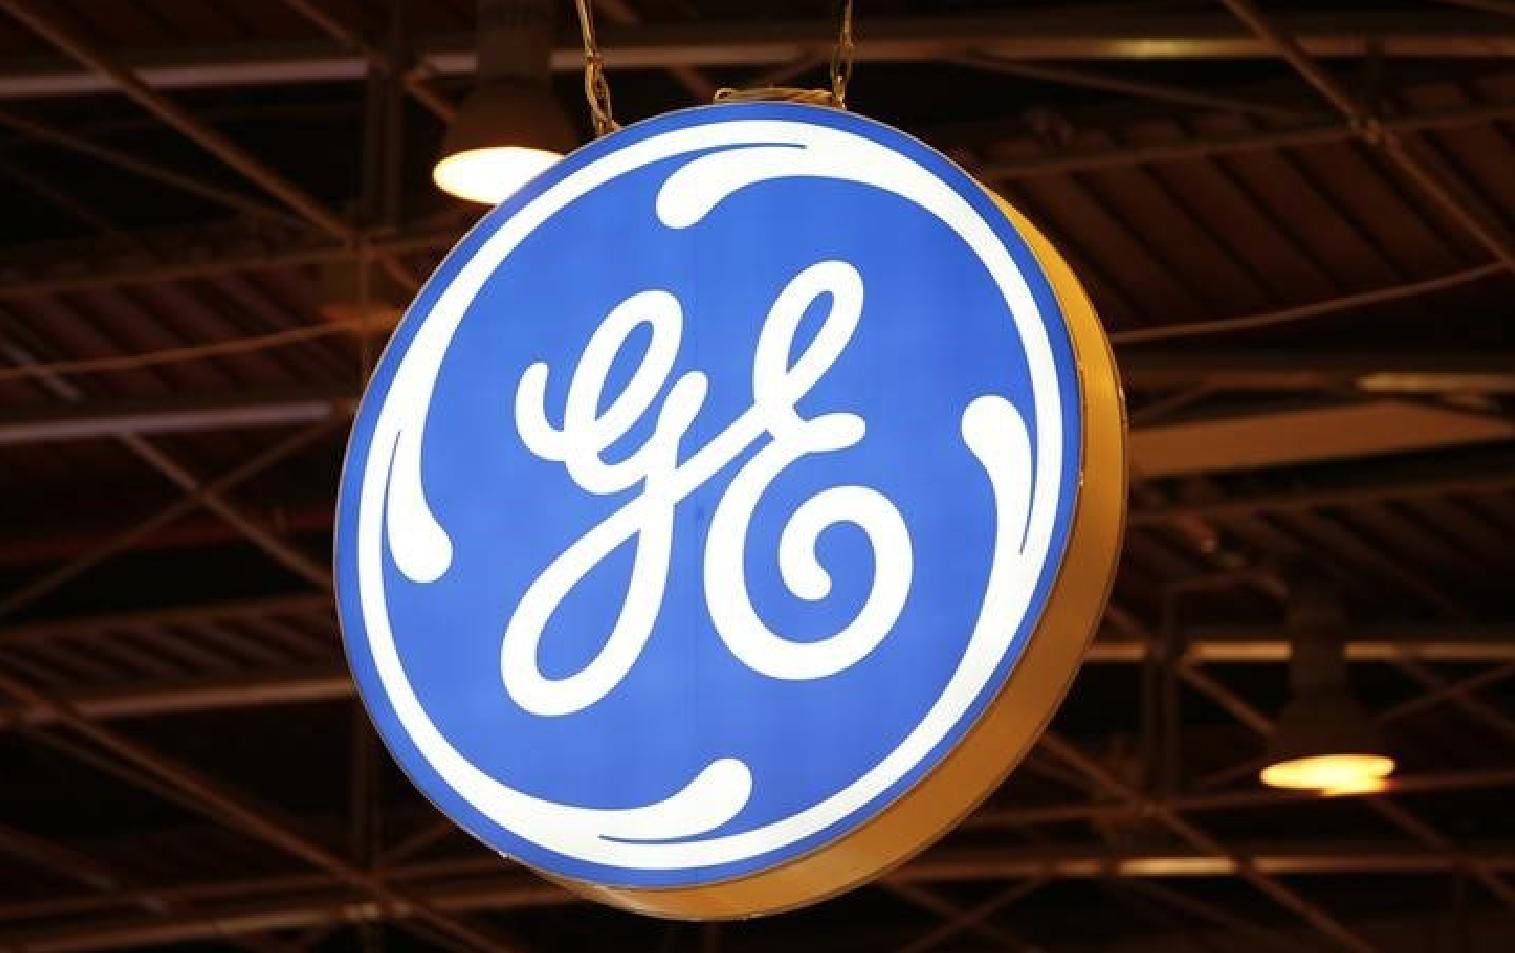 General Electric pierde 2,857 mdd en los 9 primeros meses del año